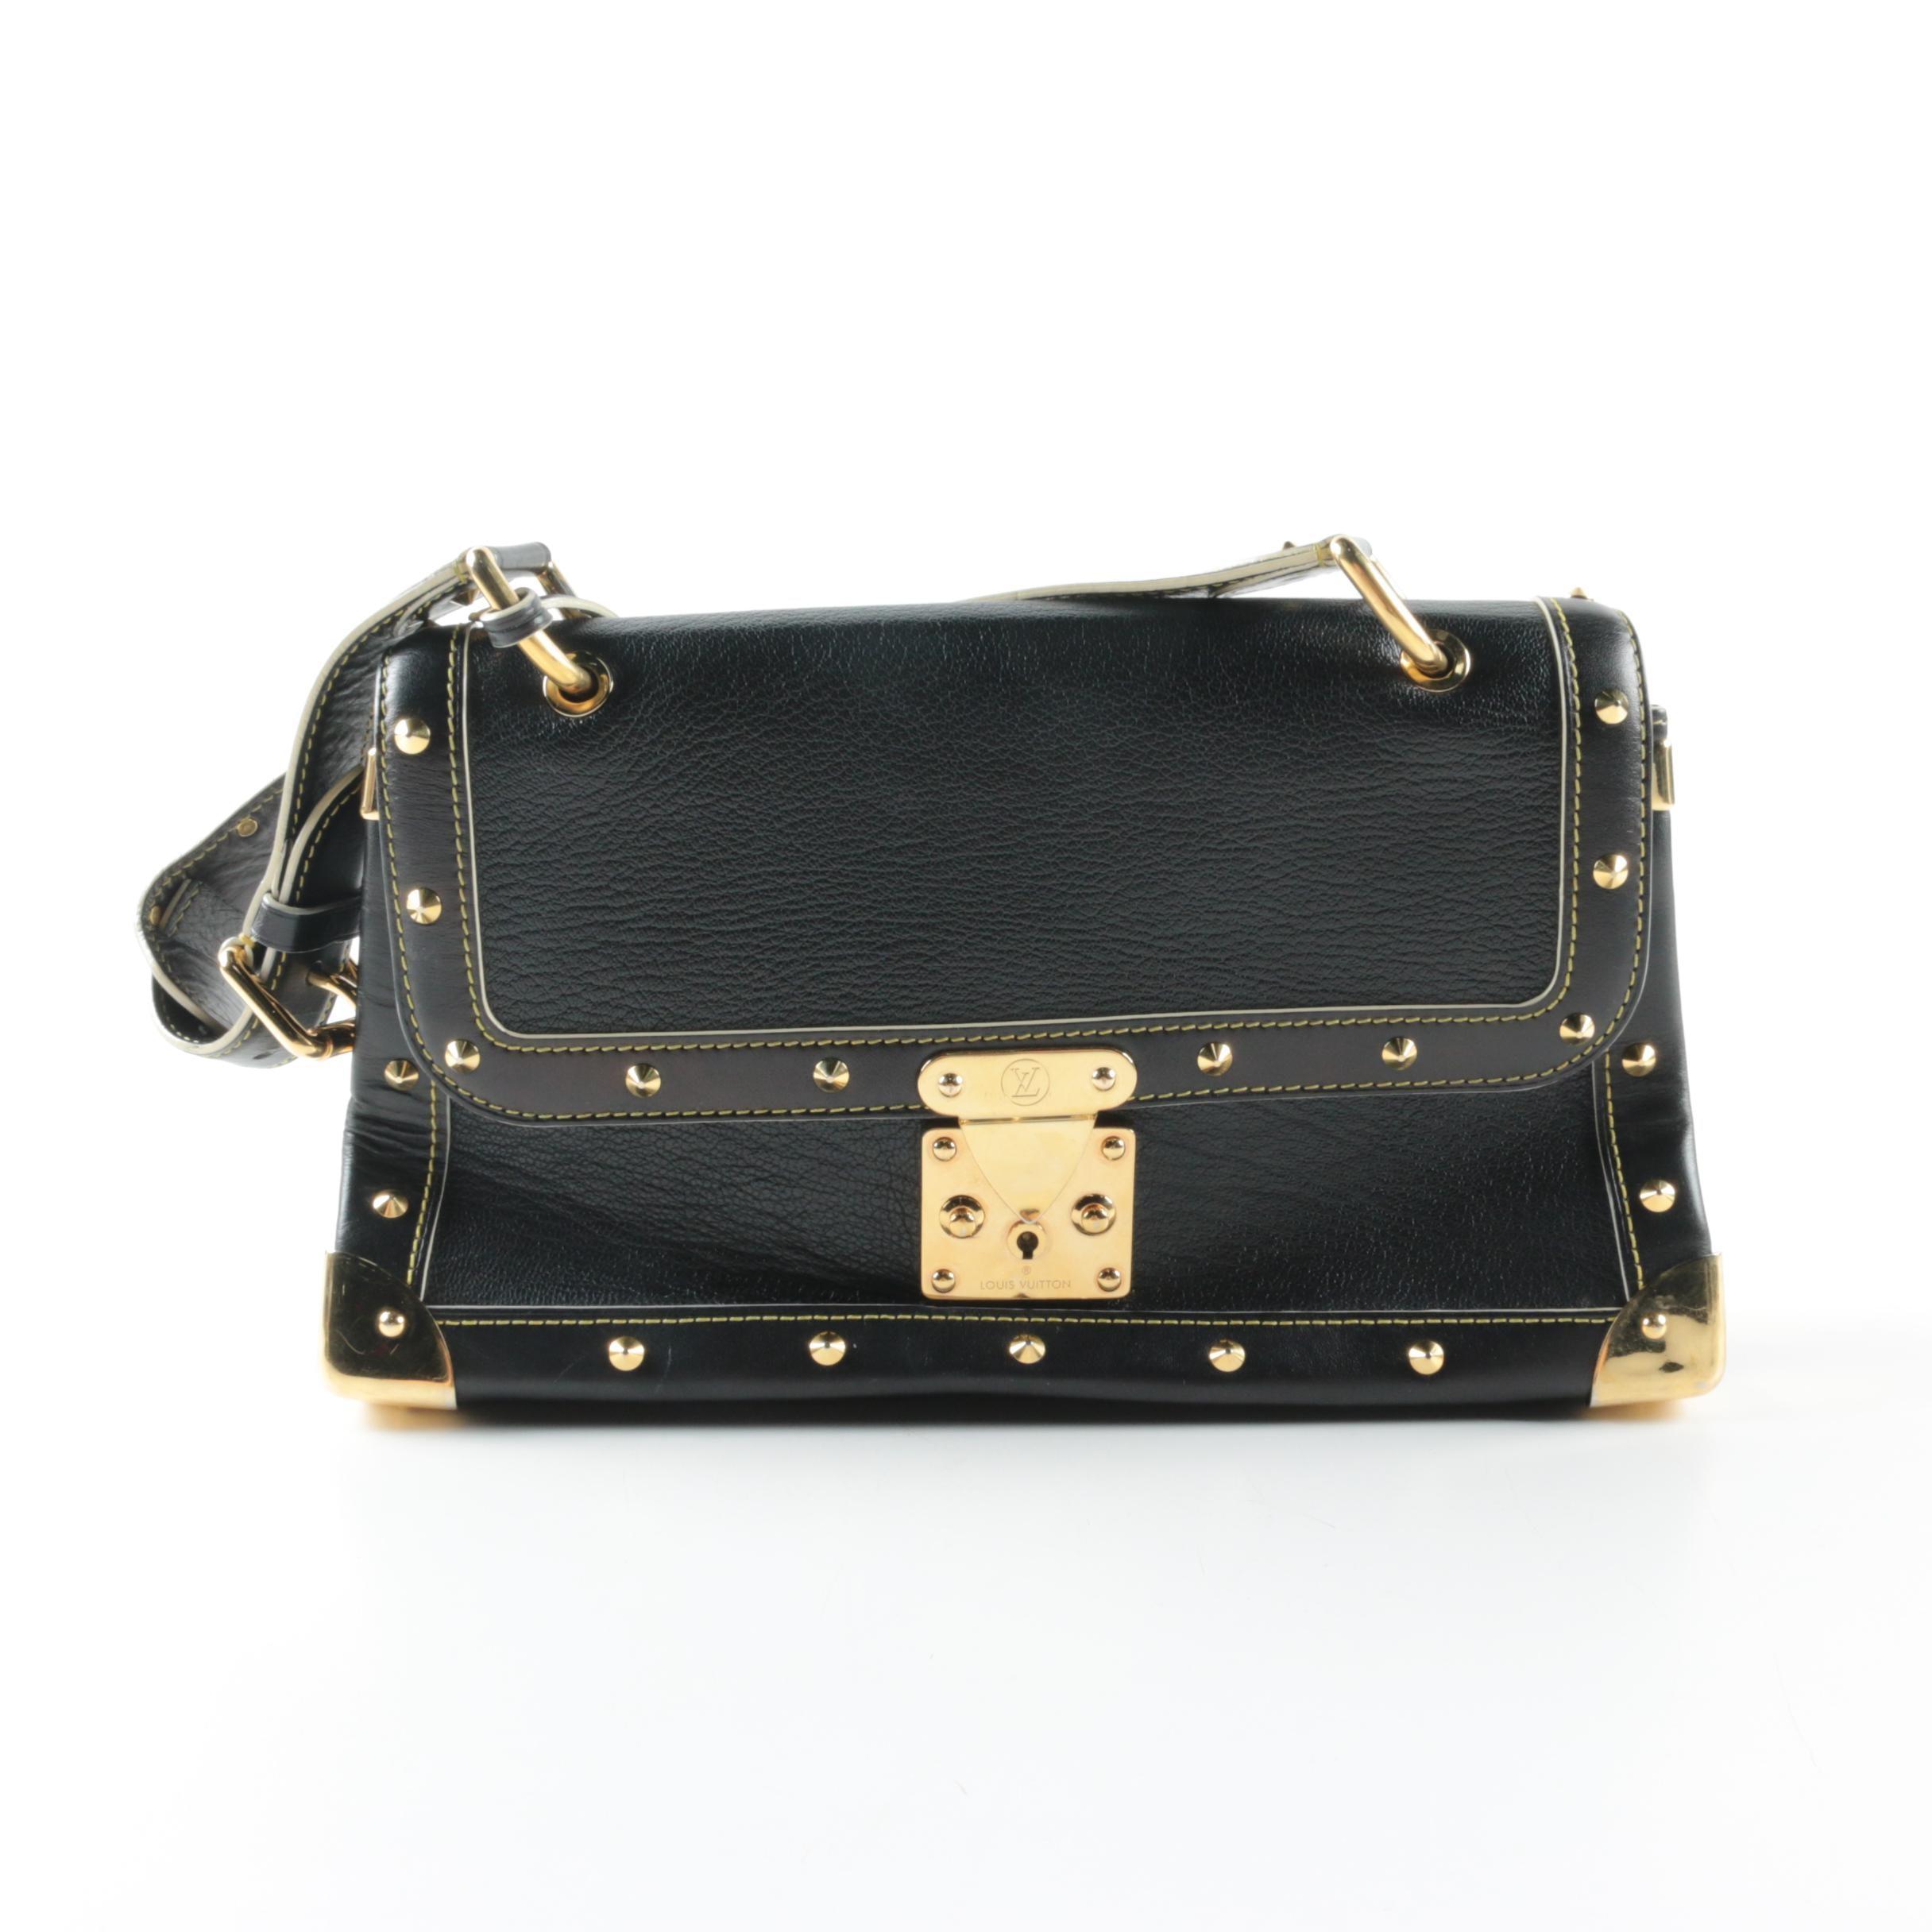 Louis Vuitton Suhali Le Talentueux Black Leather Handbag